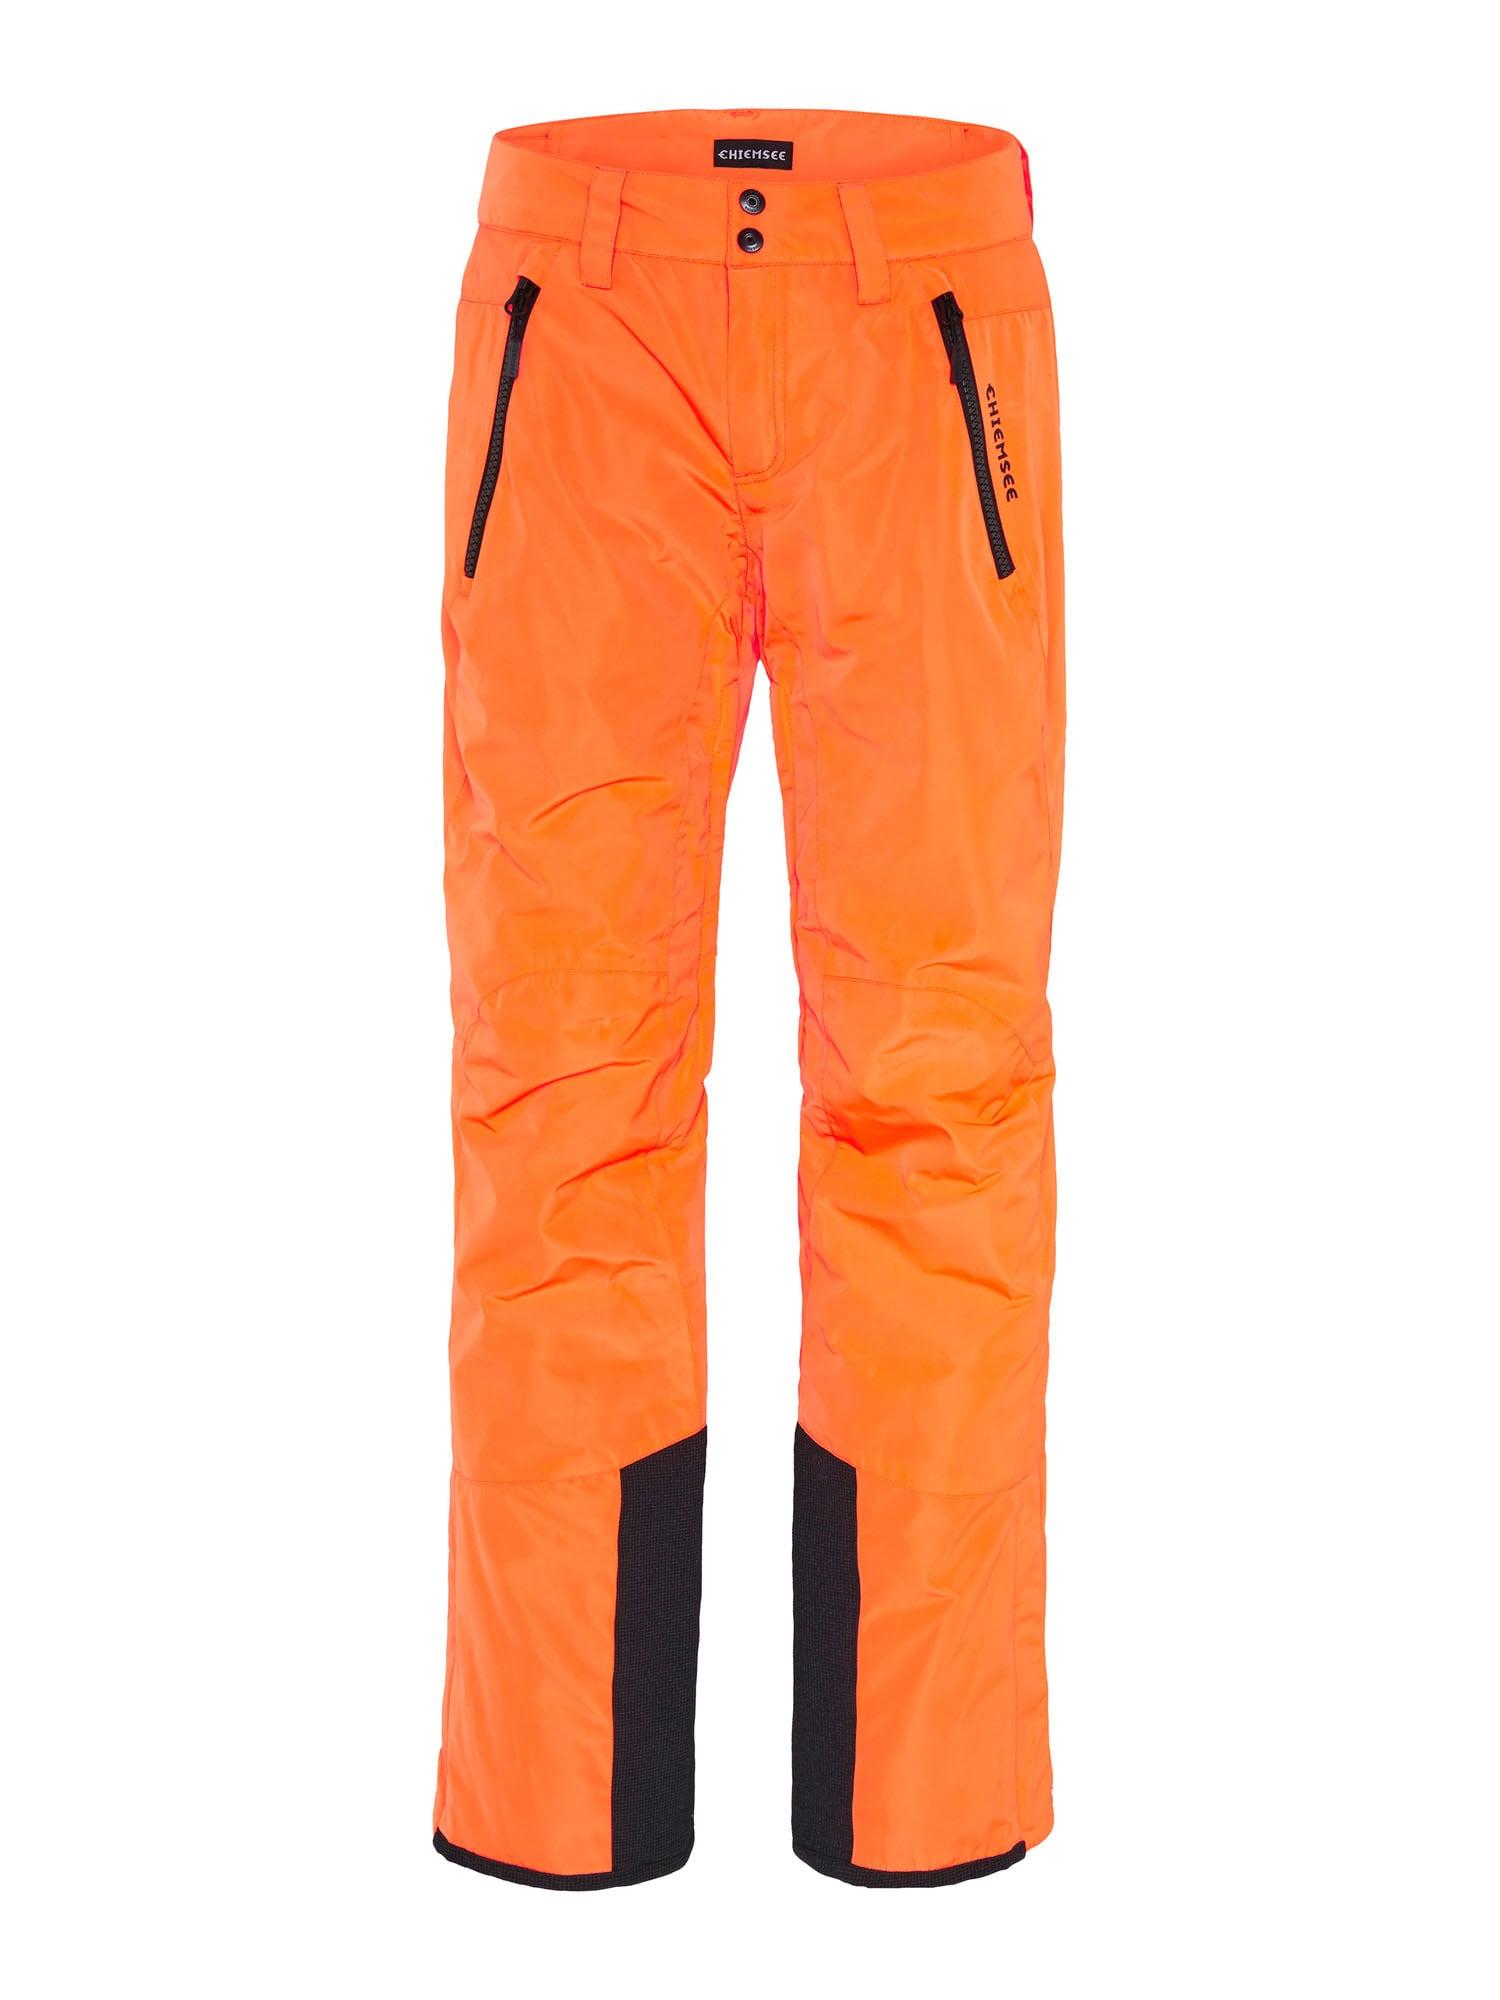 CHIEMSEE Laisvalaikio kelnės oranžinė